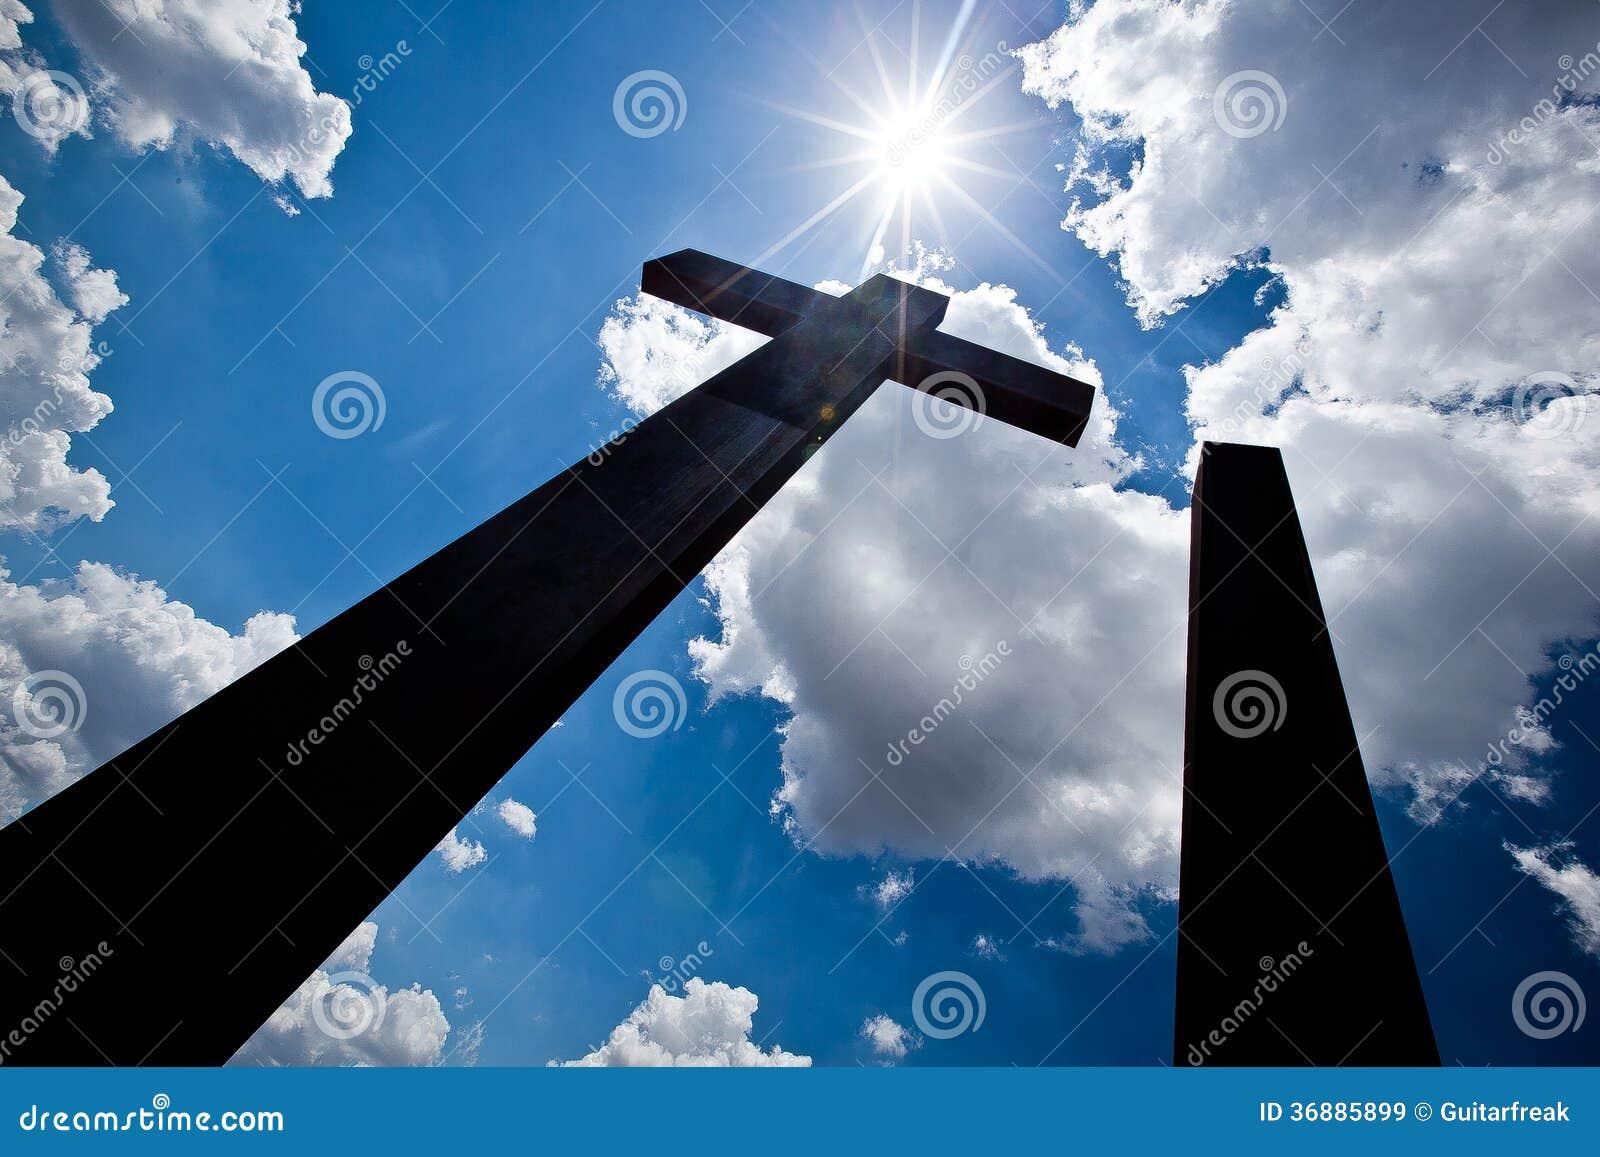 Download Siluetta Alta Degli Incroci Immagine Stock - Immagine di cielo, cattolico: 36885899